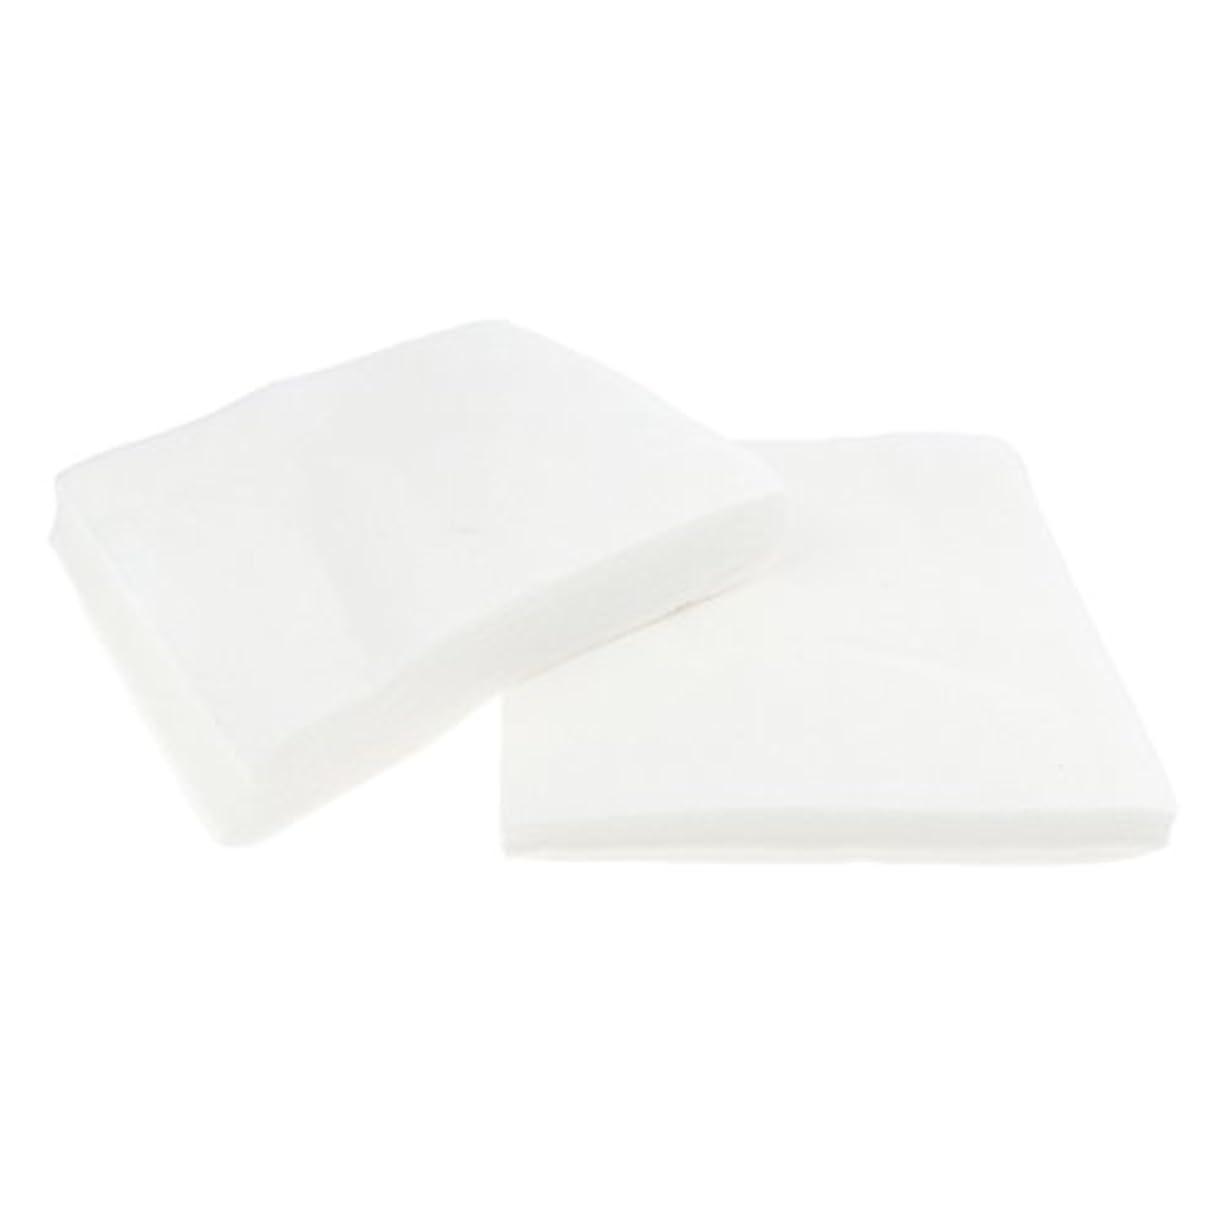 ファイバ適度な口述メイク落とし 洗顔 シート クレンジングシート メイク落とし 使い捨て ホワイト 2サイズ - 1#